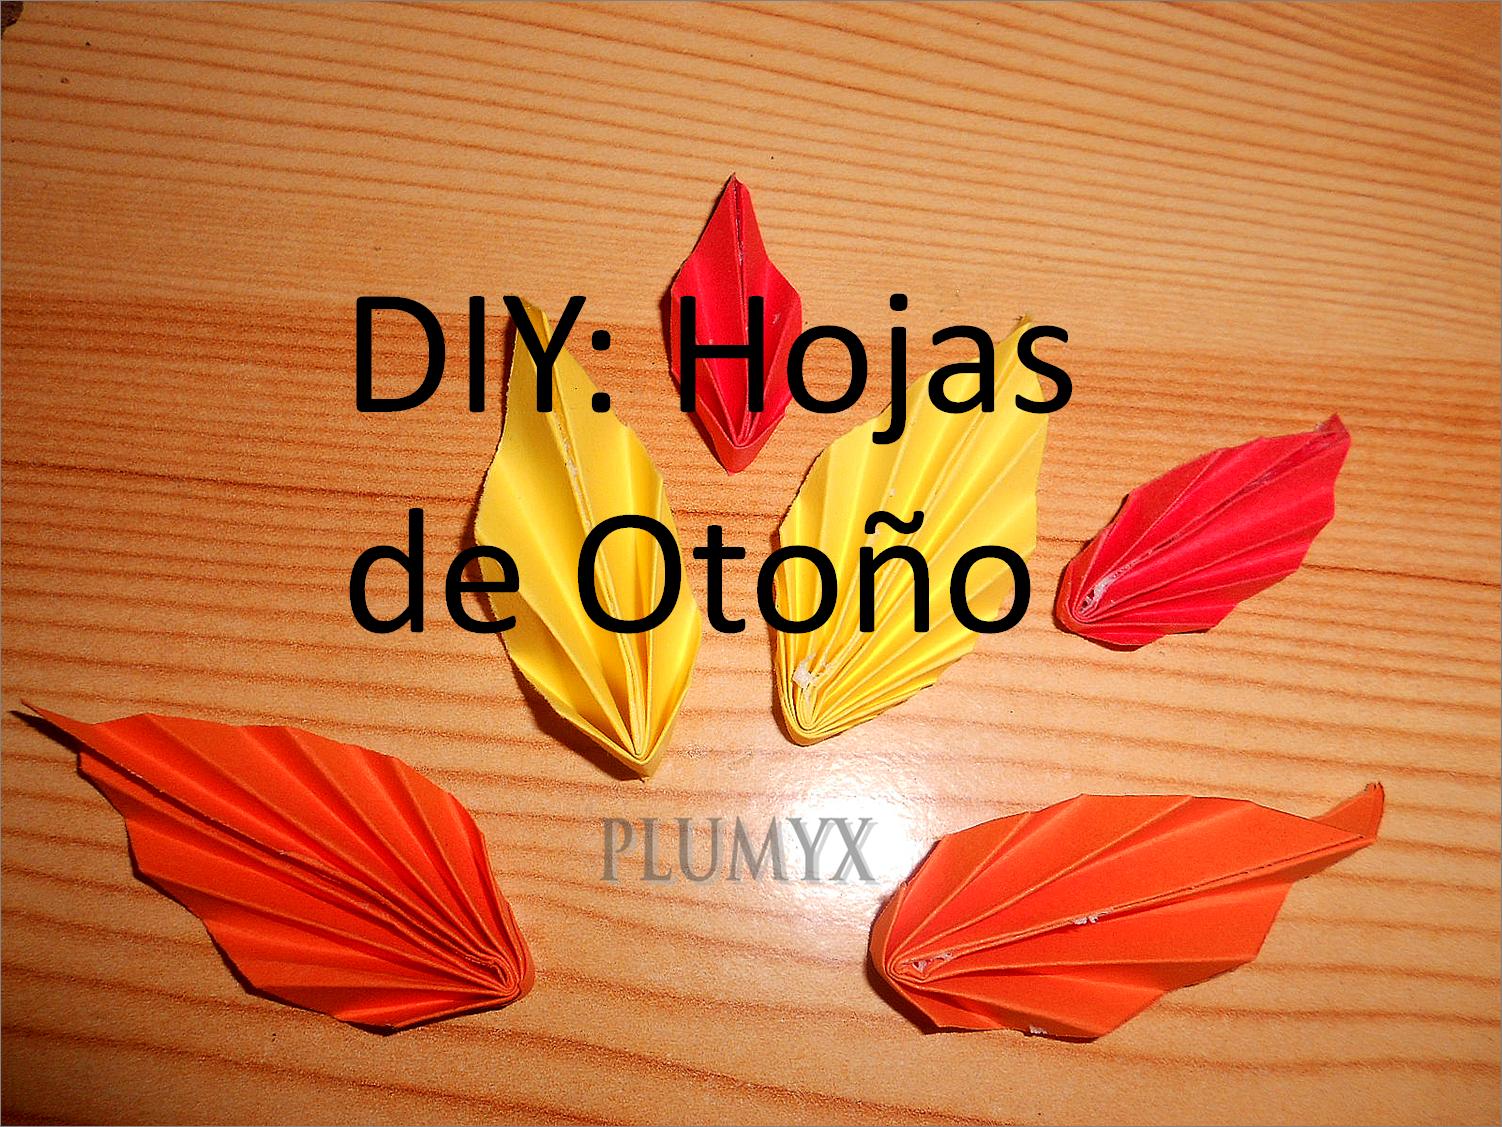 Diy hojas de oto o plumyx - Hojas de otono para decorar ...